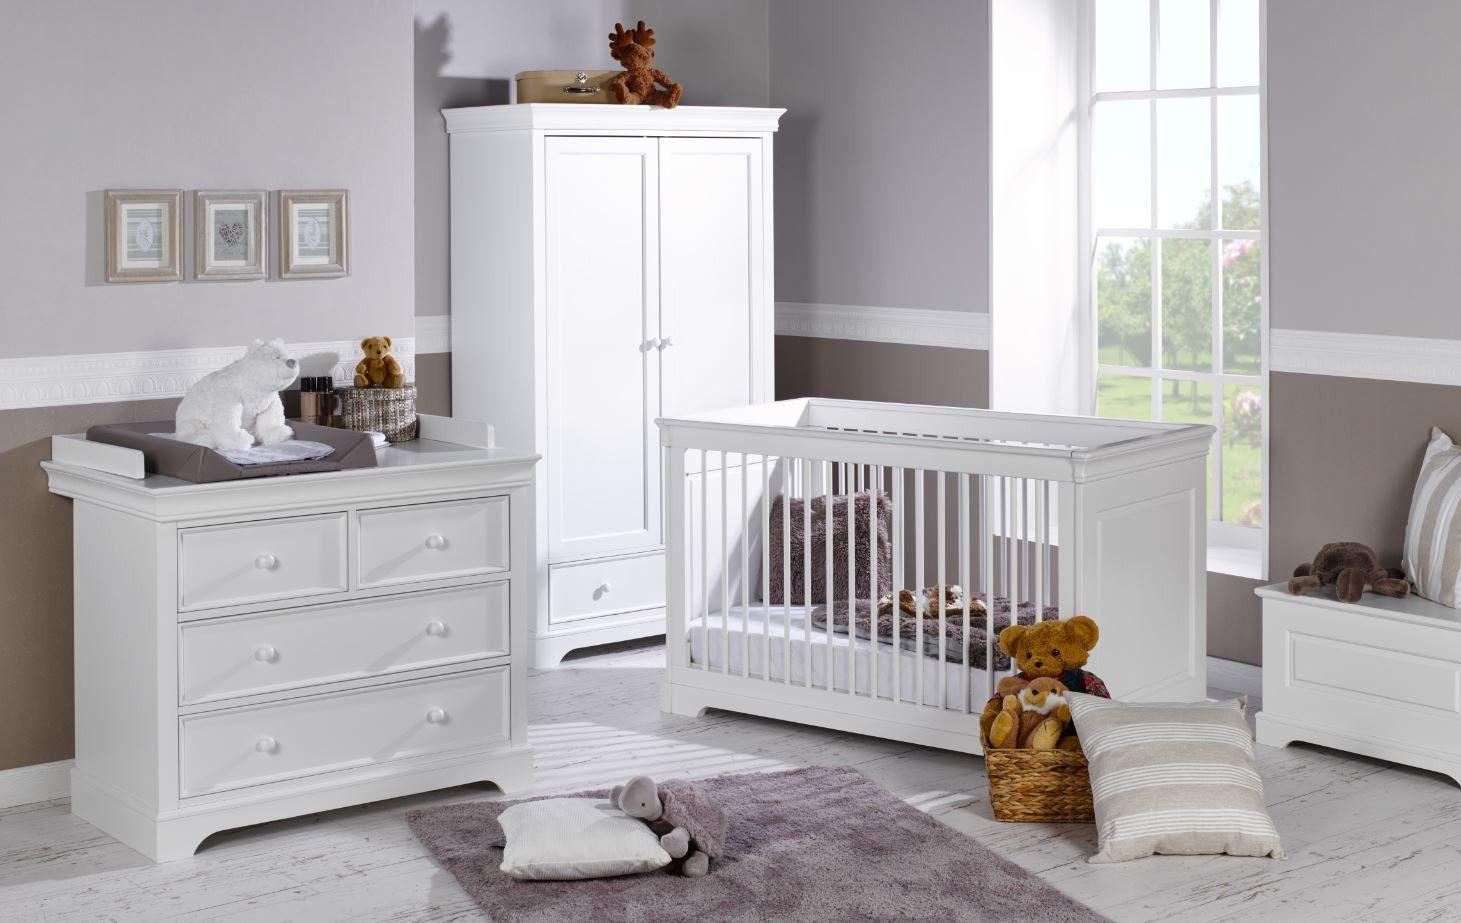 Lit Bébé Transformable Beau Meuble Chambre Bébé Beautiful Mobilier B 32 Ikea solgul Lit C3 A9b